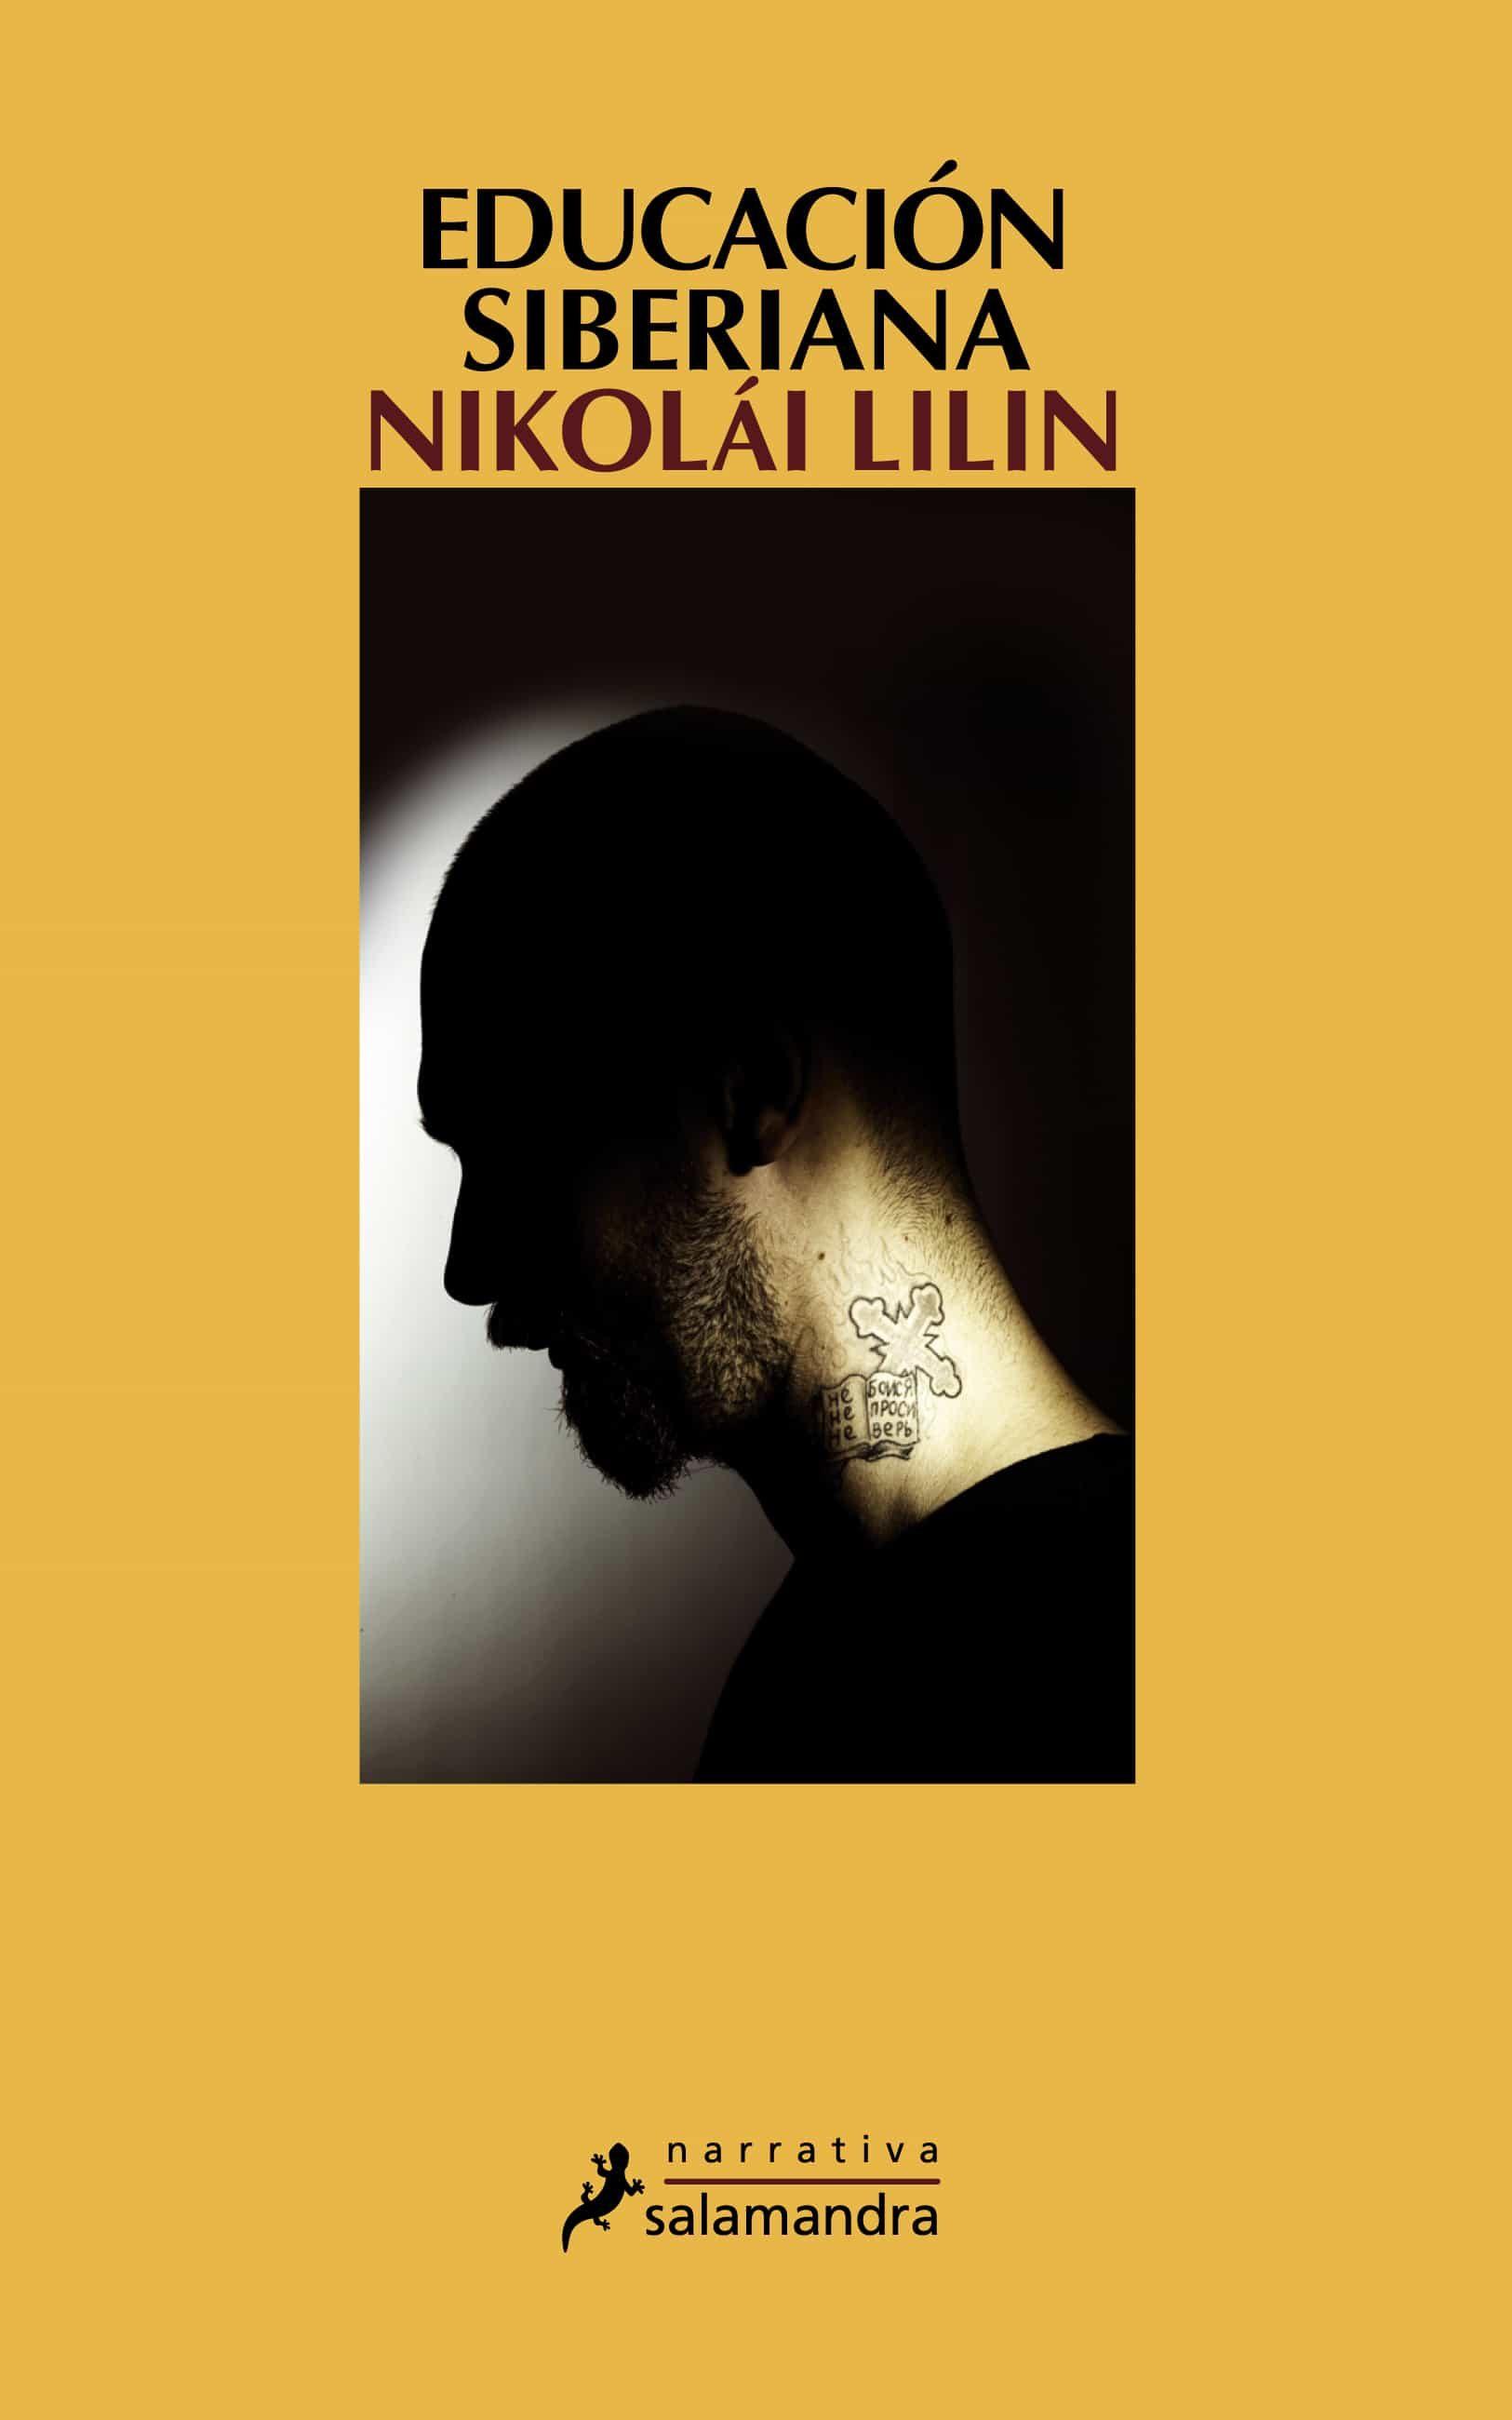 Literatura de cloaca, novelistas malditos (Bunker, Crews, Pollock...) - Página 11 9788498382723